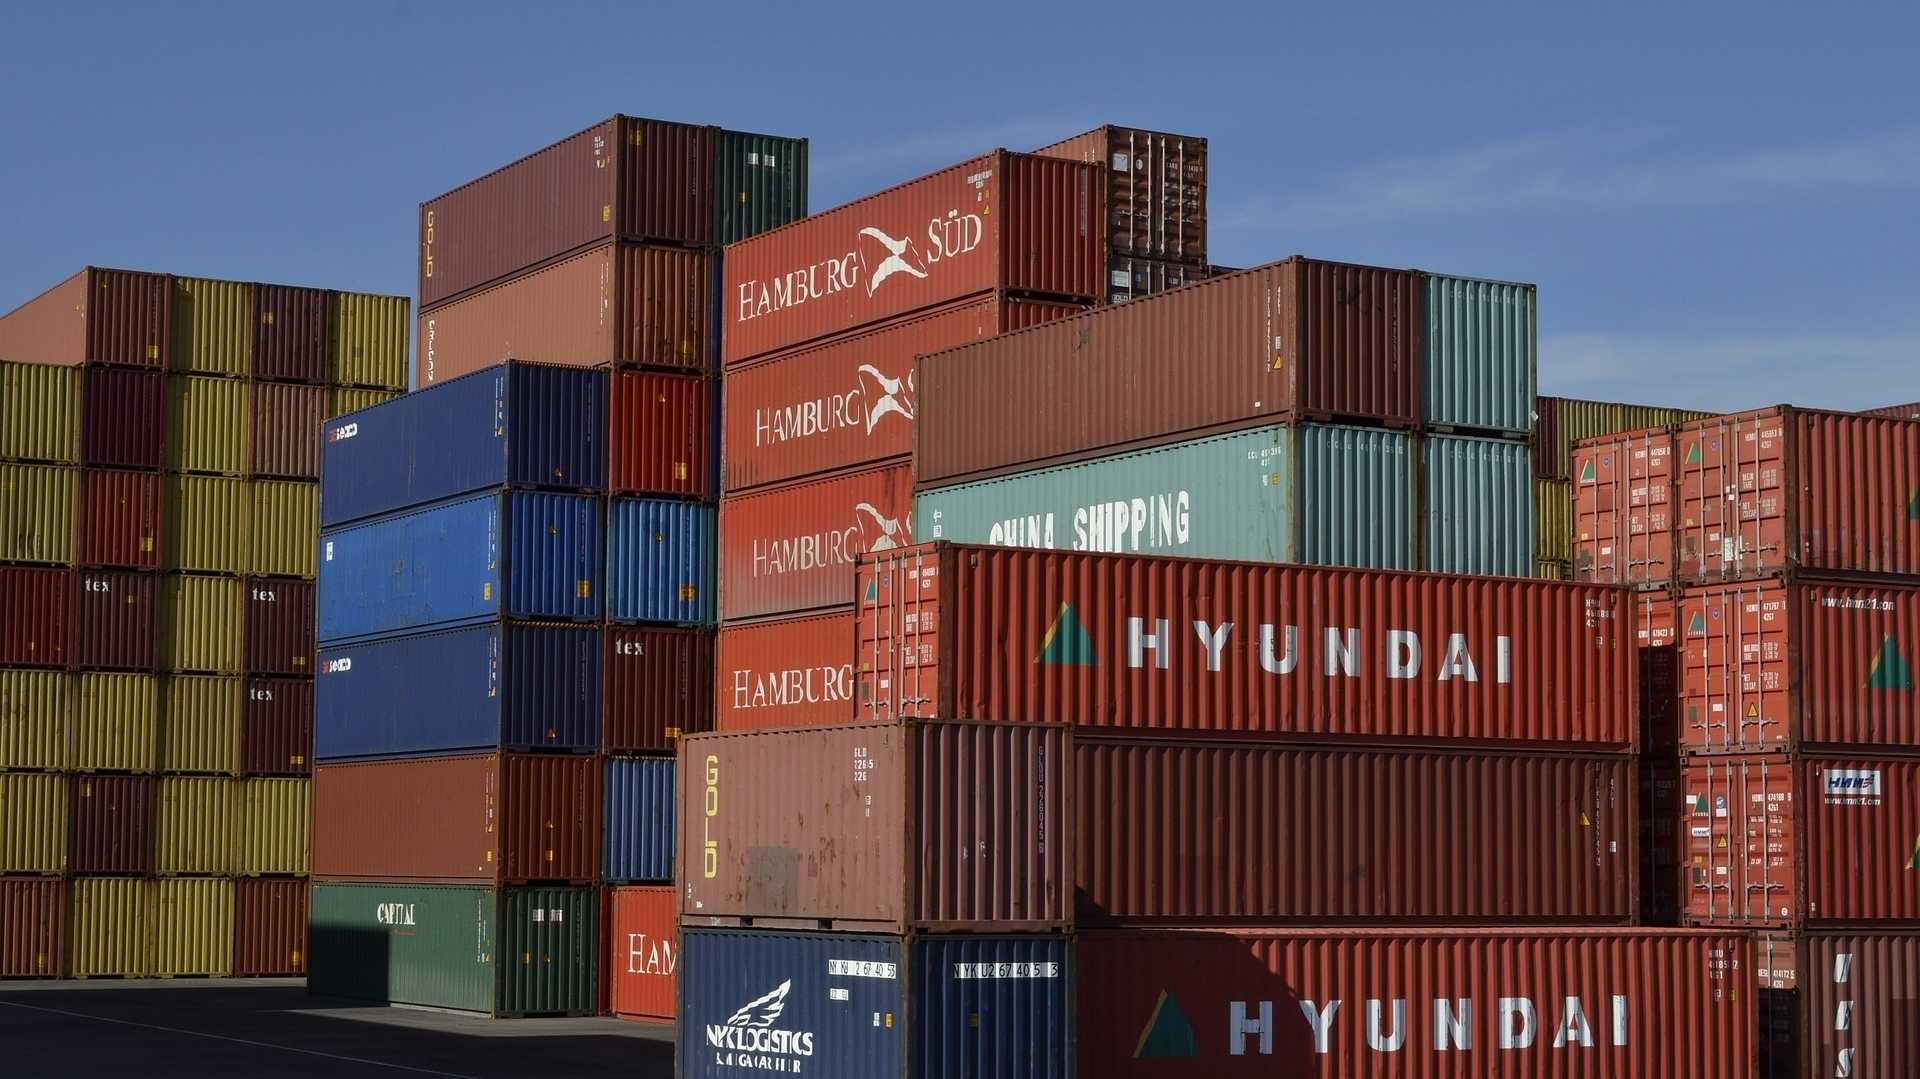 5 Million Mal heruntergeladen: Bösartige Docker-Container schürfen Monero